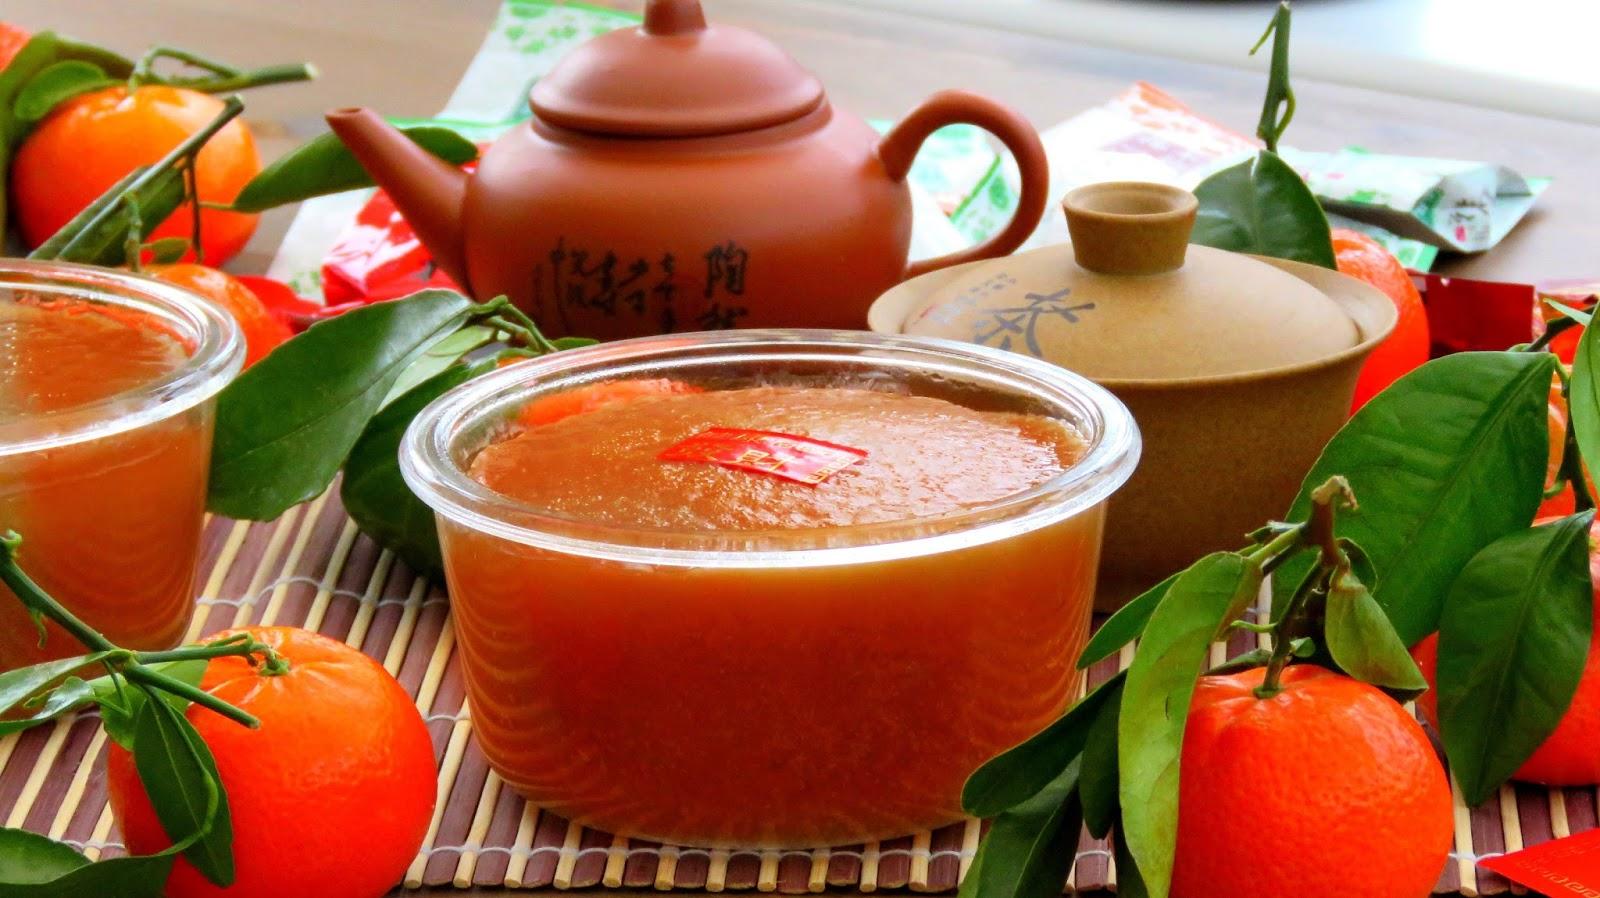 Nian Gao, (年糕, Nián gāo) - Glutinous Rice Cake